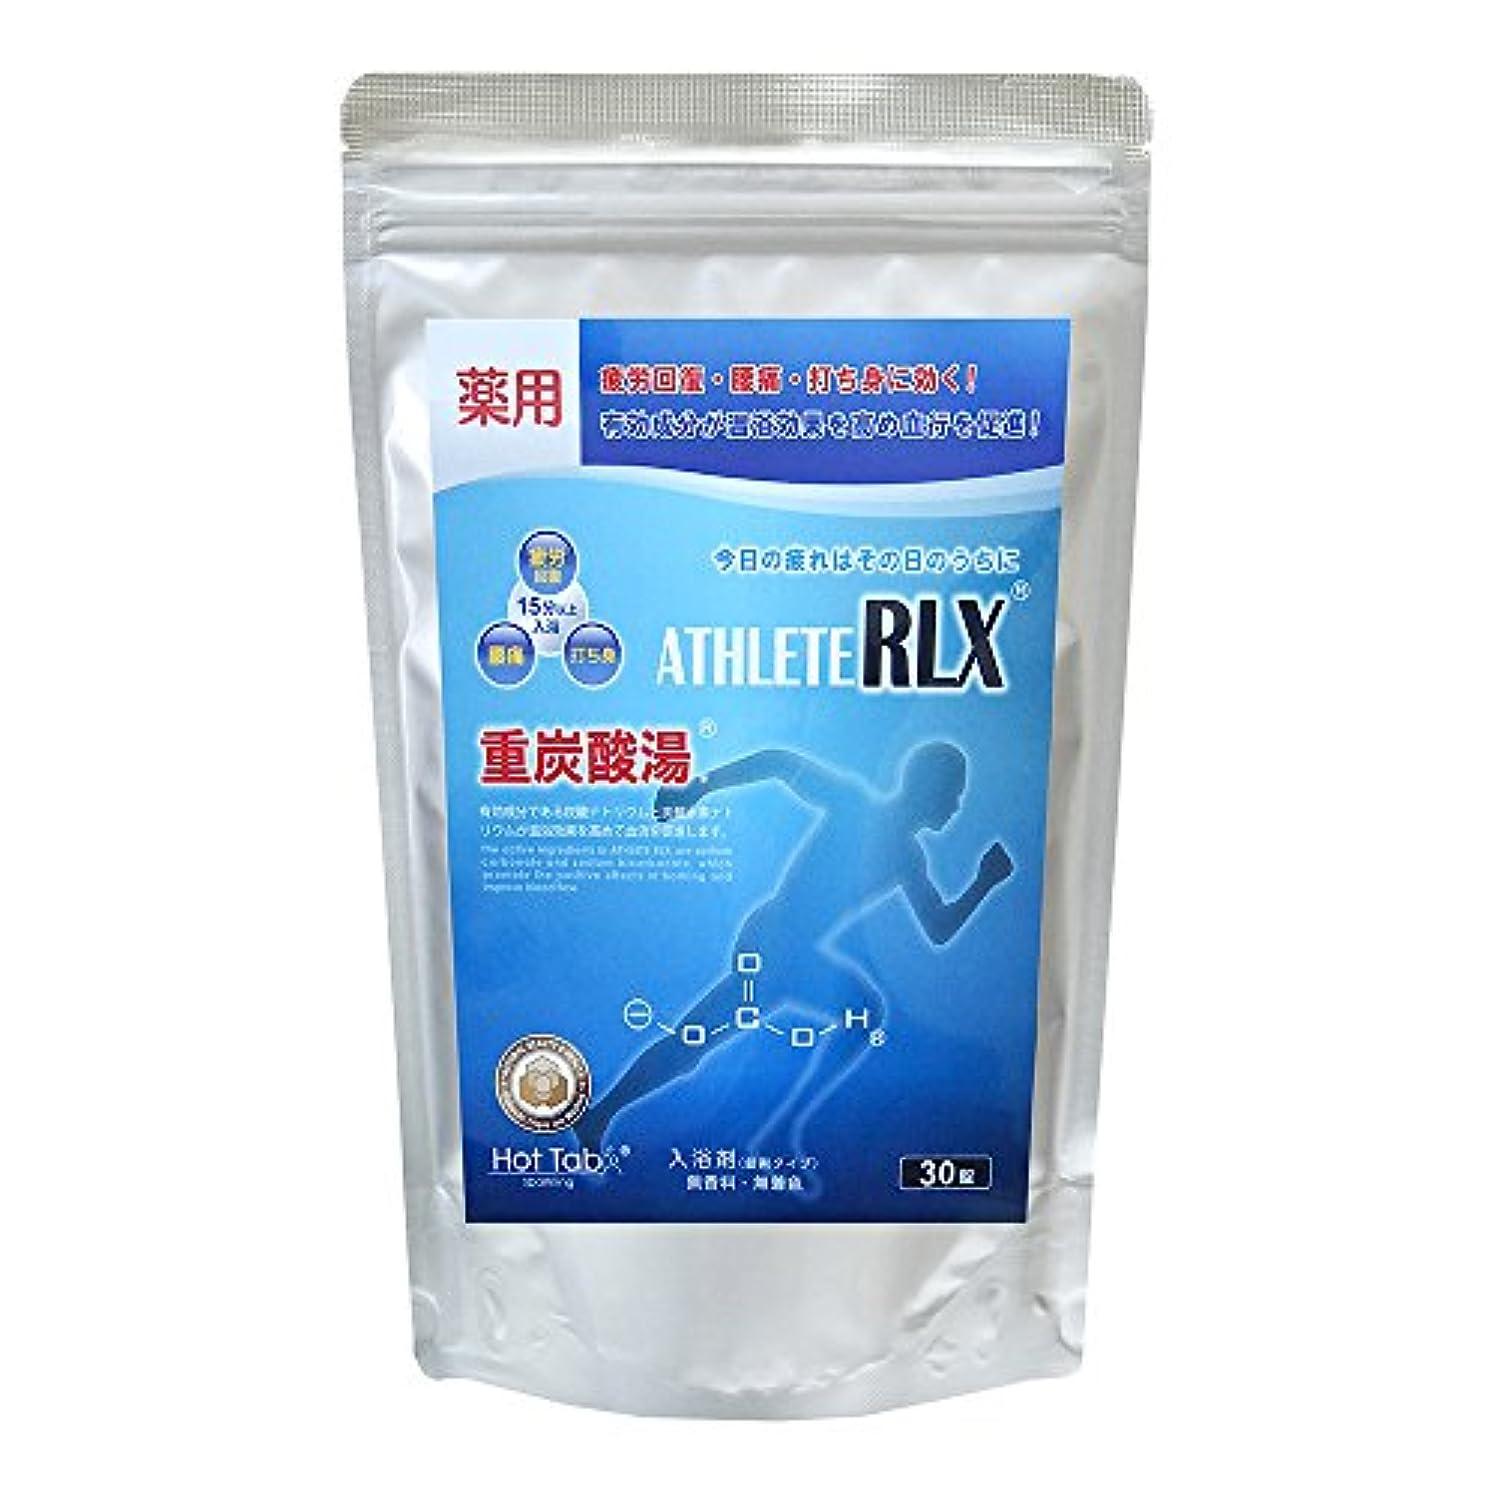 テレビ本物の理論的ホットアルバムコム ATHLETE RLX(アスリートRLX) 薬用 30錠入り